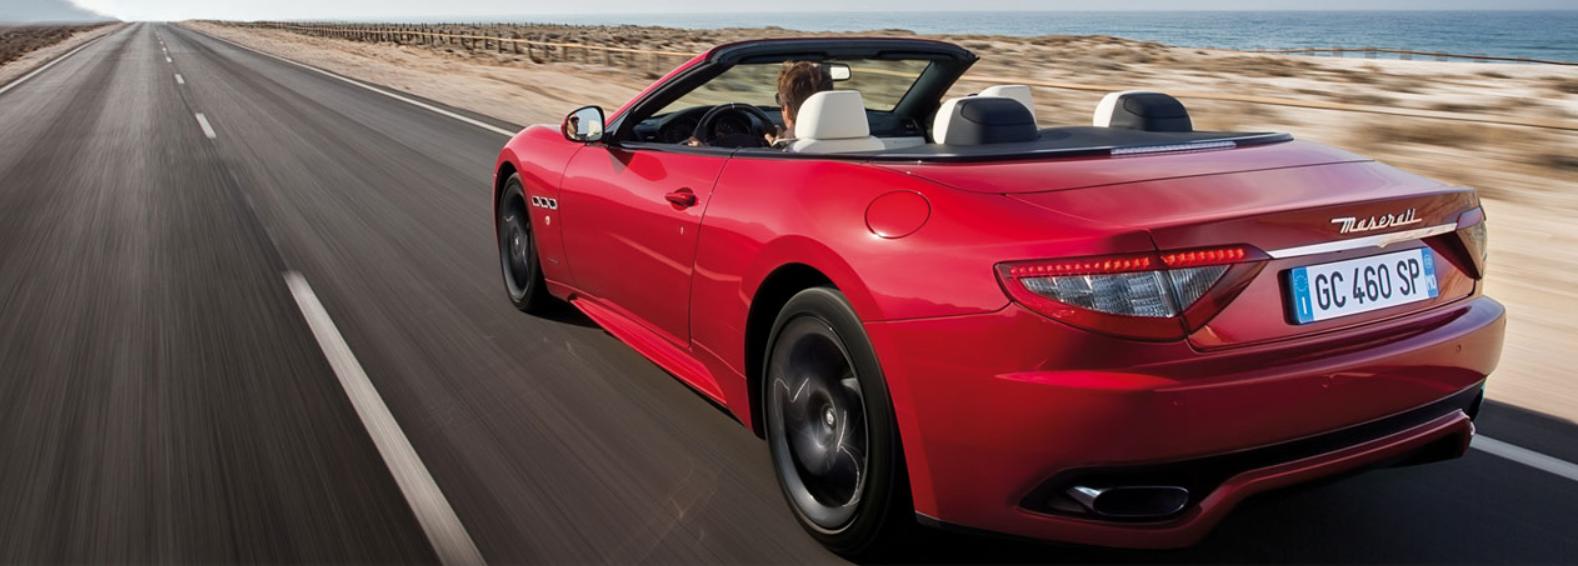 Maserati_Gran_Cabrio_Sport-สวยงาม